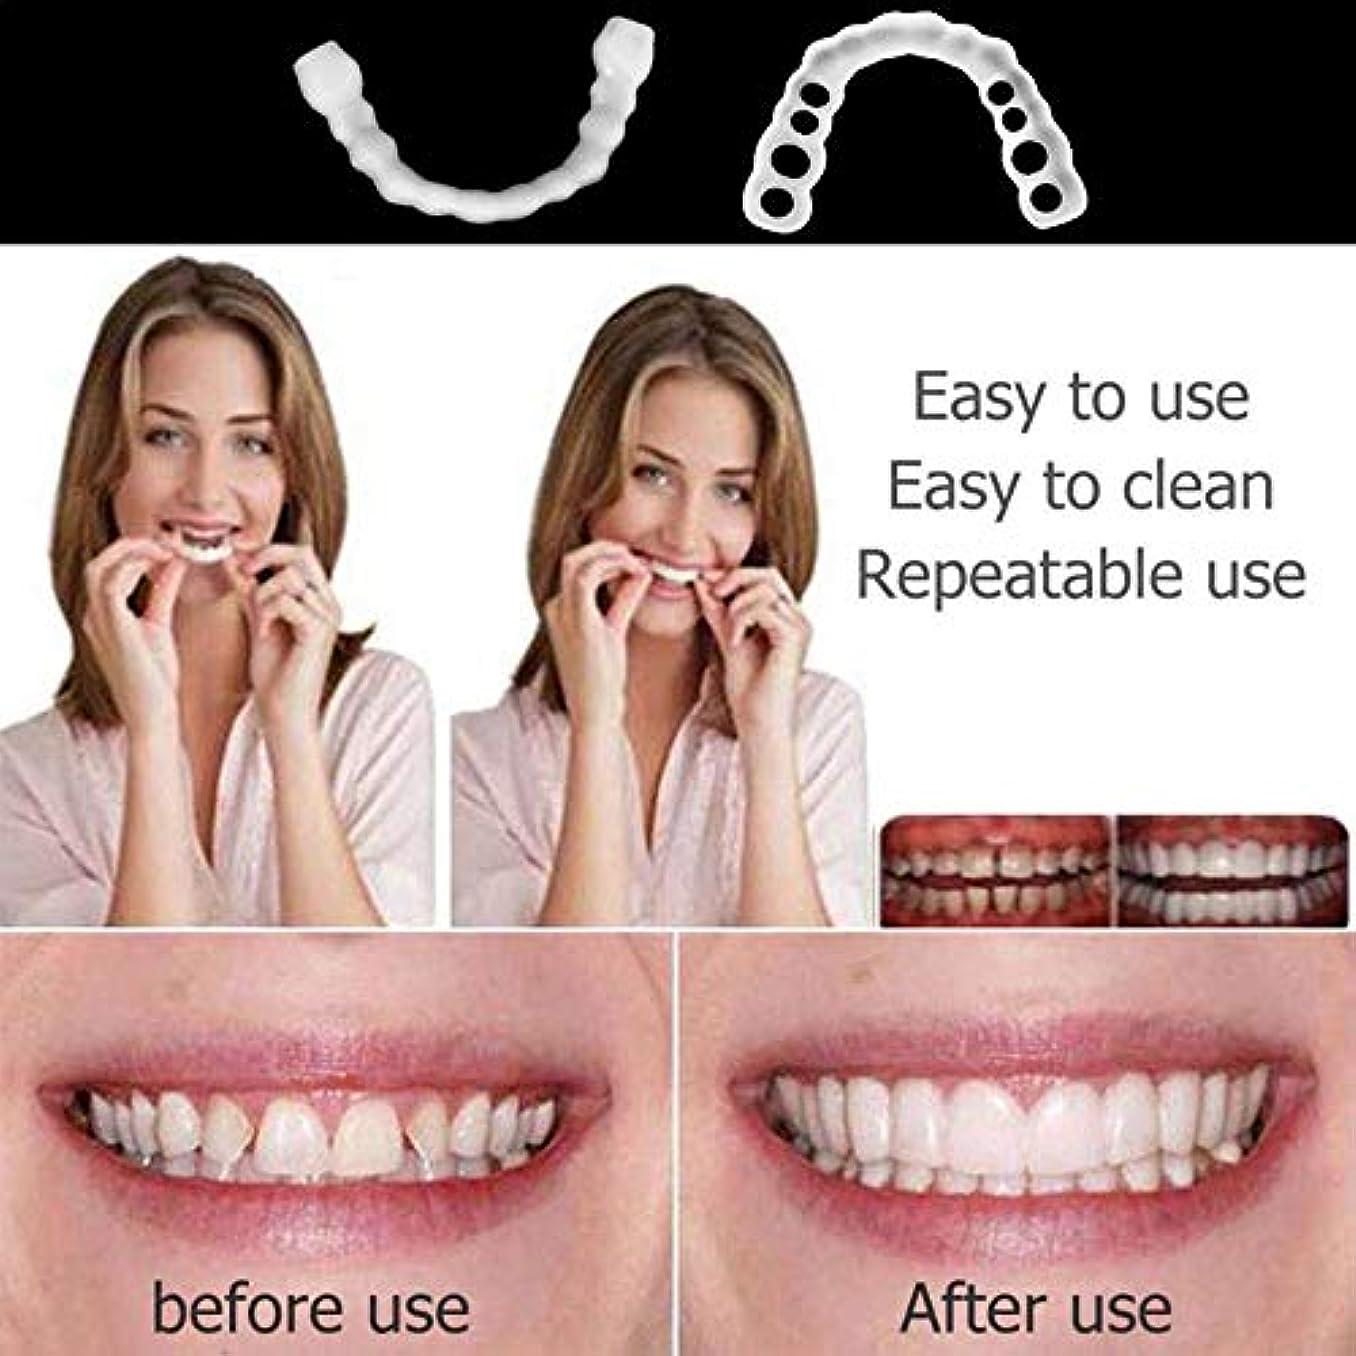 うれしい選択制限する5ピースシリコンアッパー偽の歯偽歯カバーホワイトニング義歯口腔ケア歯ホワイトニング2019歯科口腔ケア